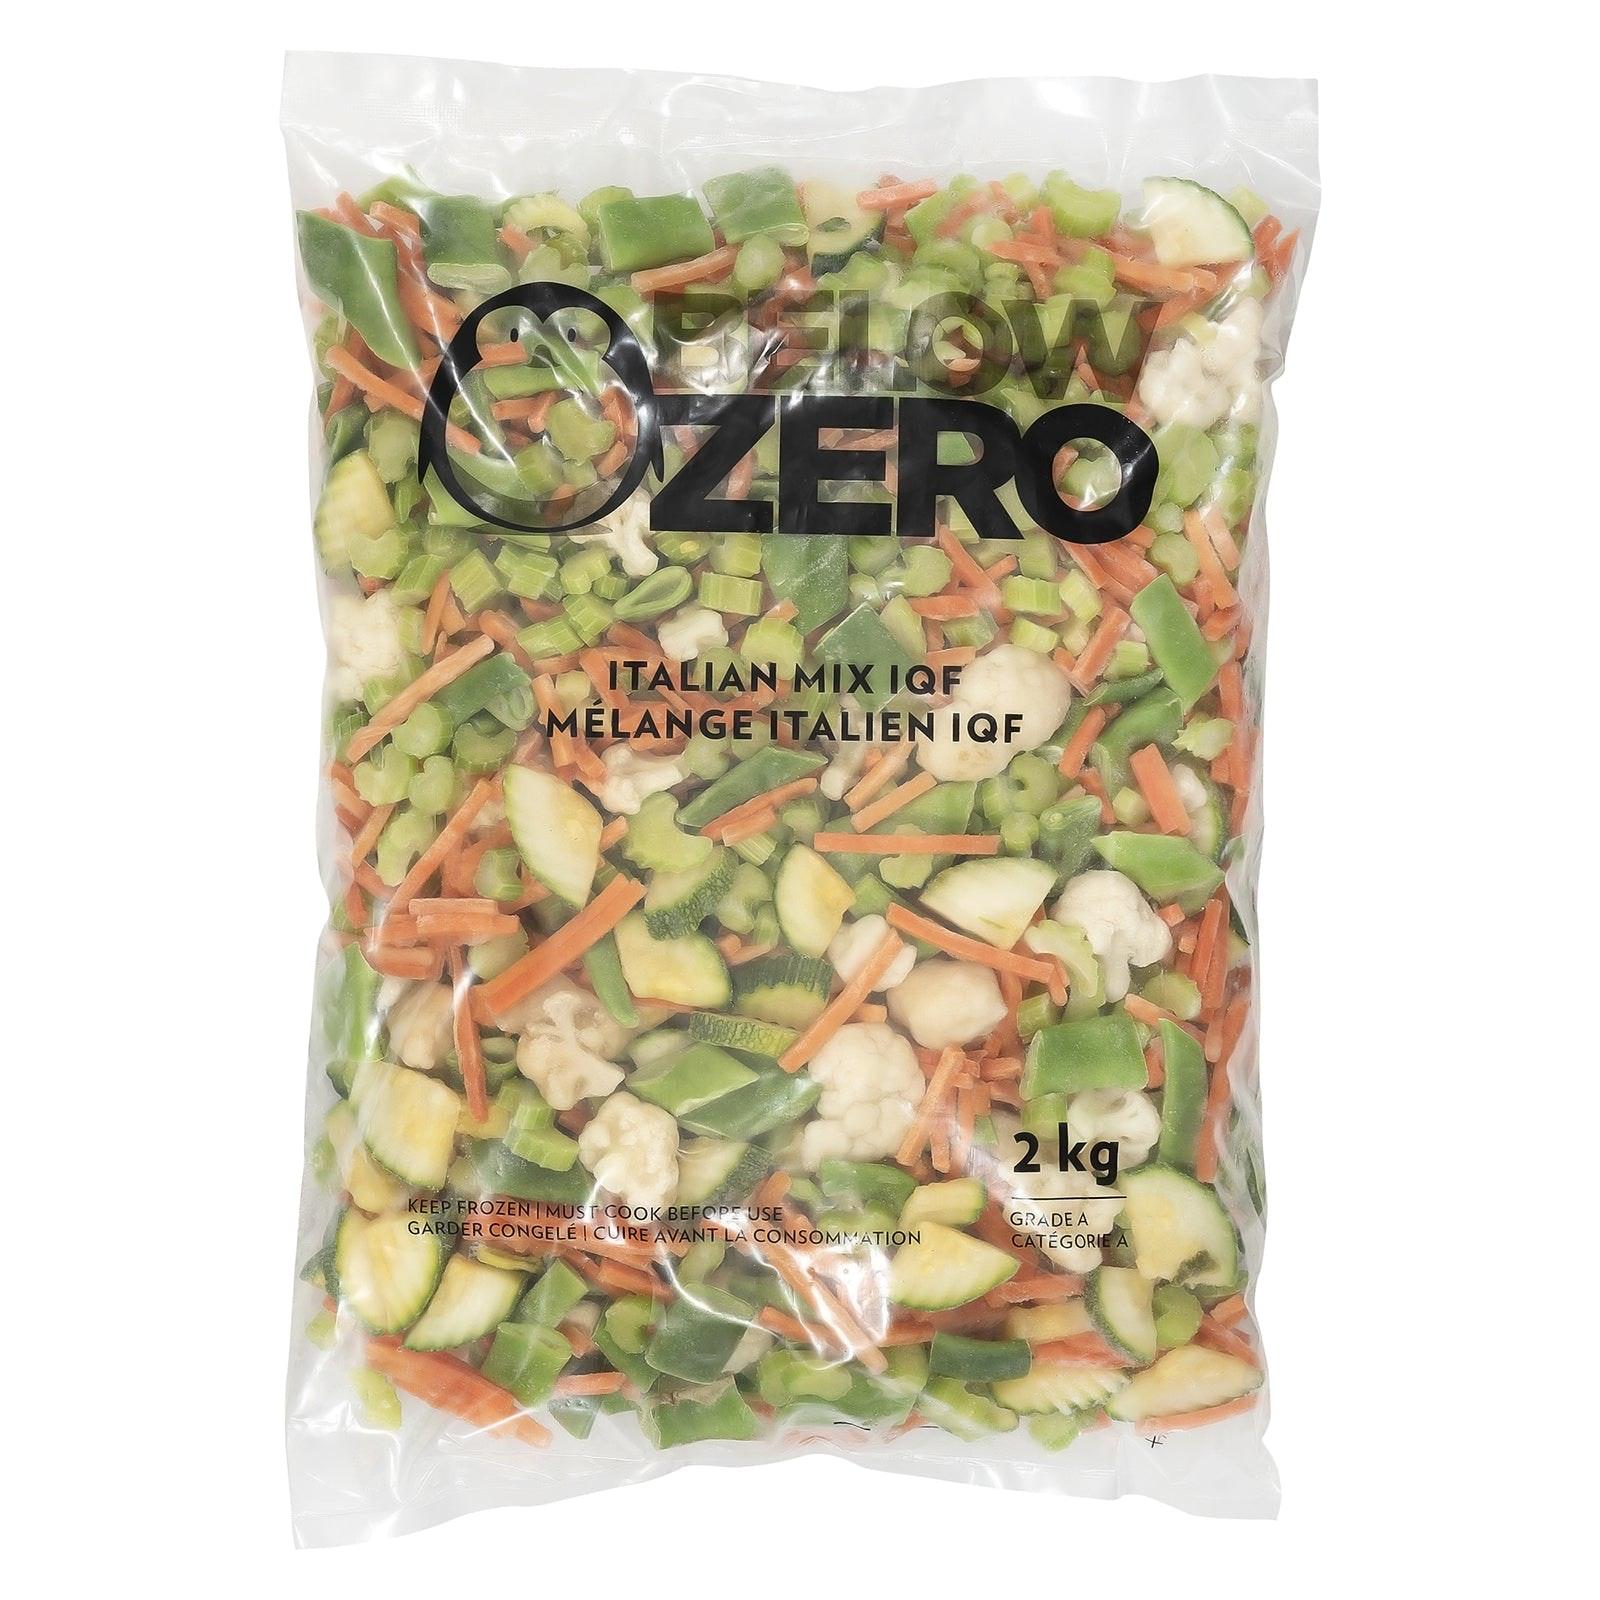 BELOW ZERO Italian Mixed Vegetables